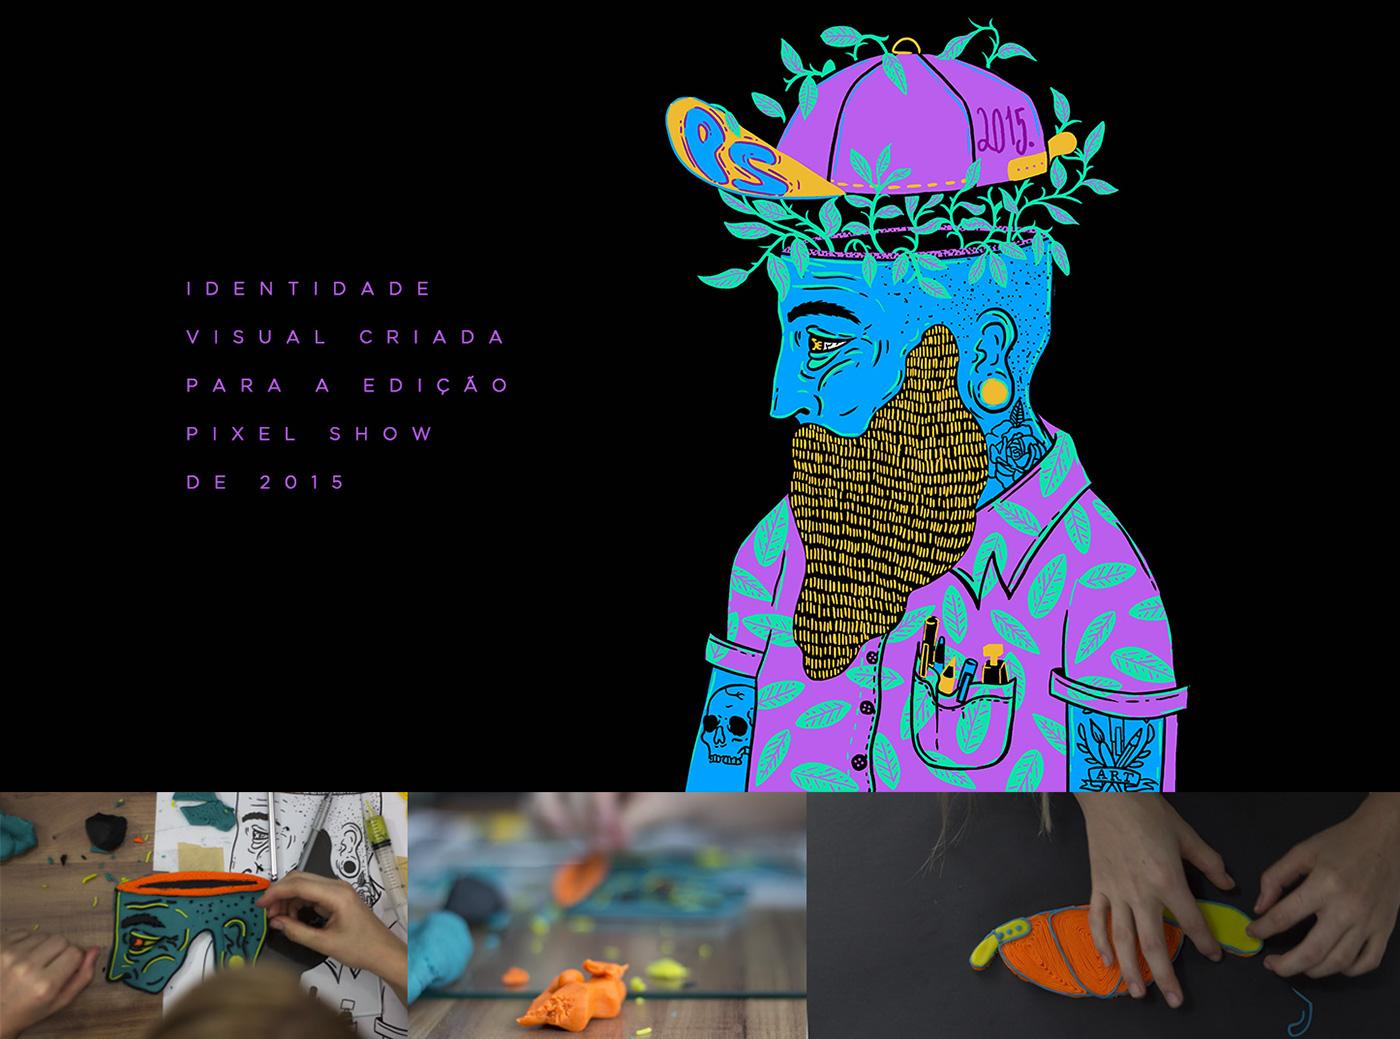 zupi pixel shor hype Character tattoo men beard t-shirt Tropical leafs Play Dough Event art